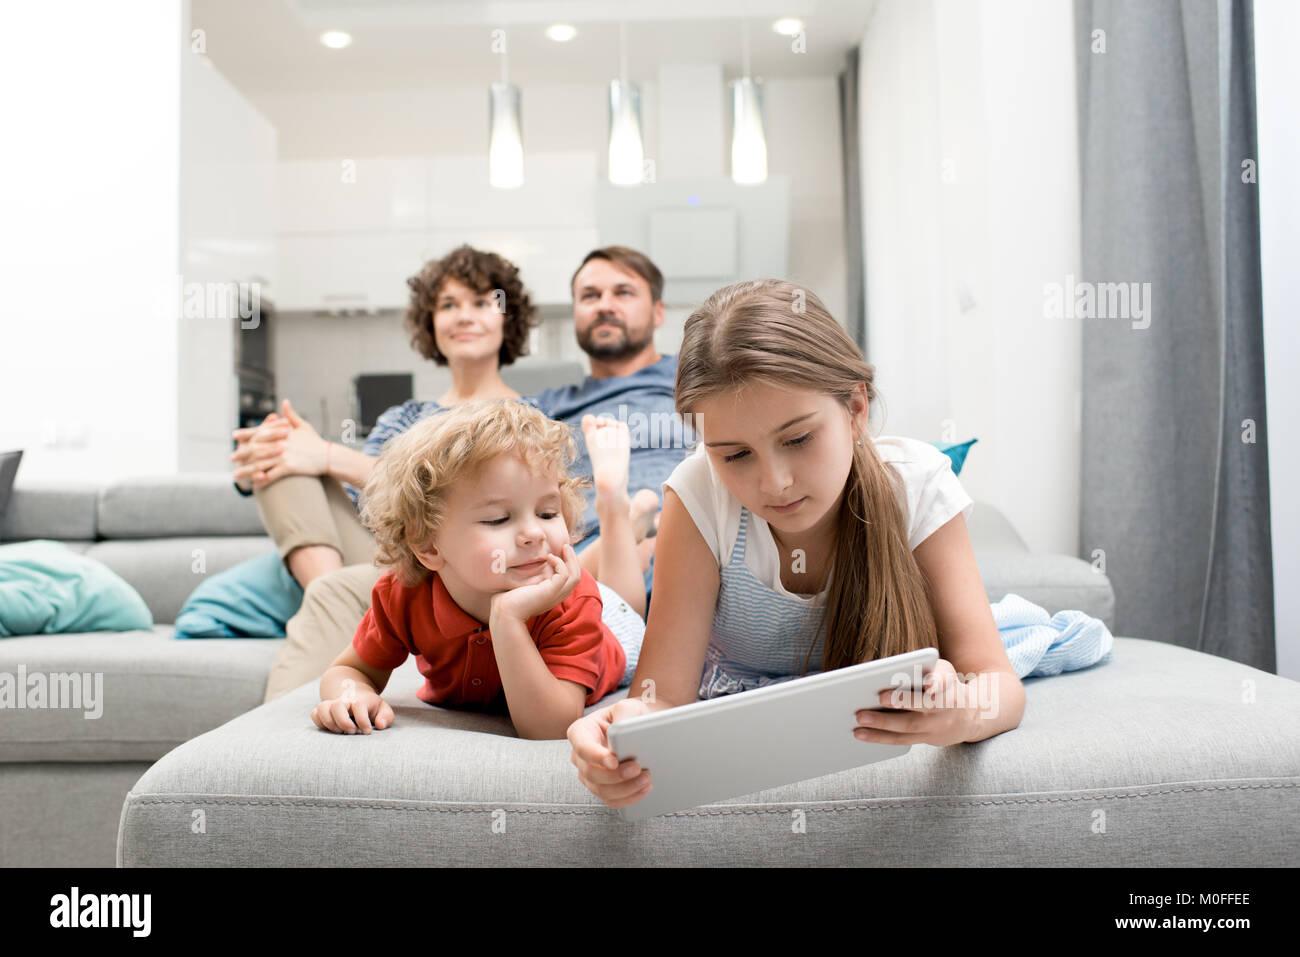 Las actividades de ocio de familia cariñosa Imagen De Stock